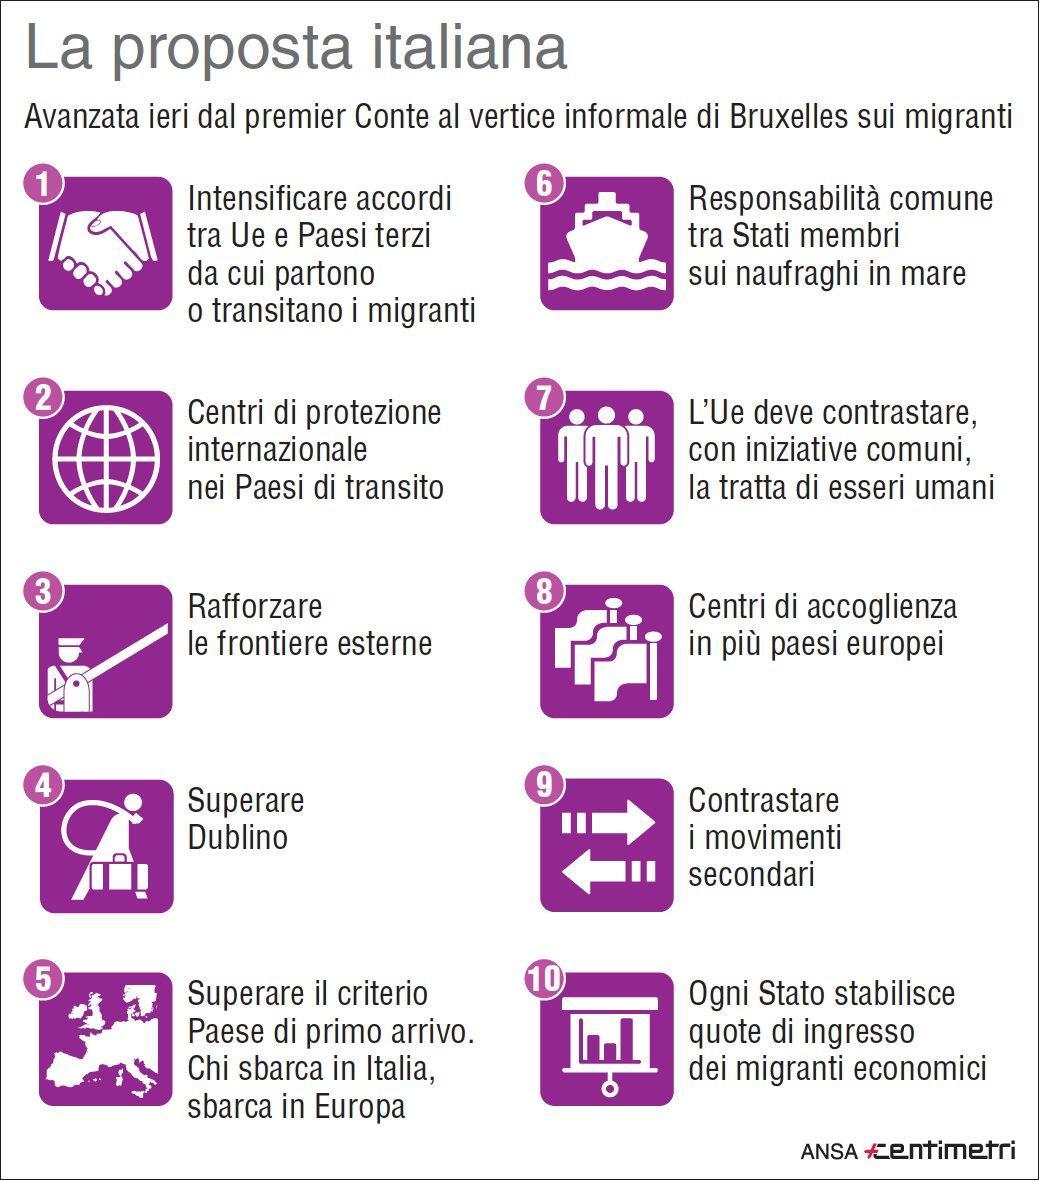 Migranti, la proposta italiana a Bruxelles